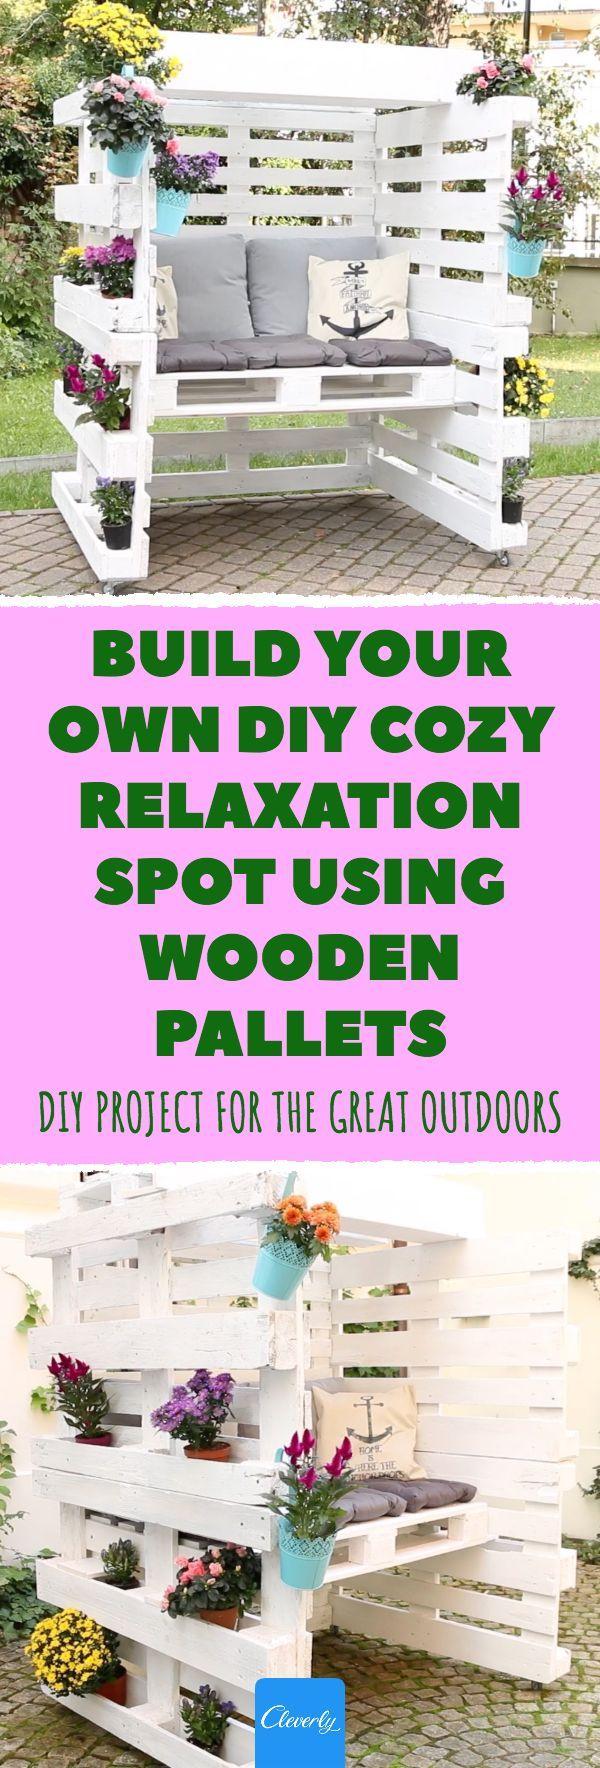 Bauen Sie Ihren Eigenen Gemutlichen Entspannungsplatz Mit Holzpaletten Diy Garden Diycraft Outdoors Diyproject Cleverly Diy Europaletten Garten Paletten Garten Strandkorb